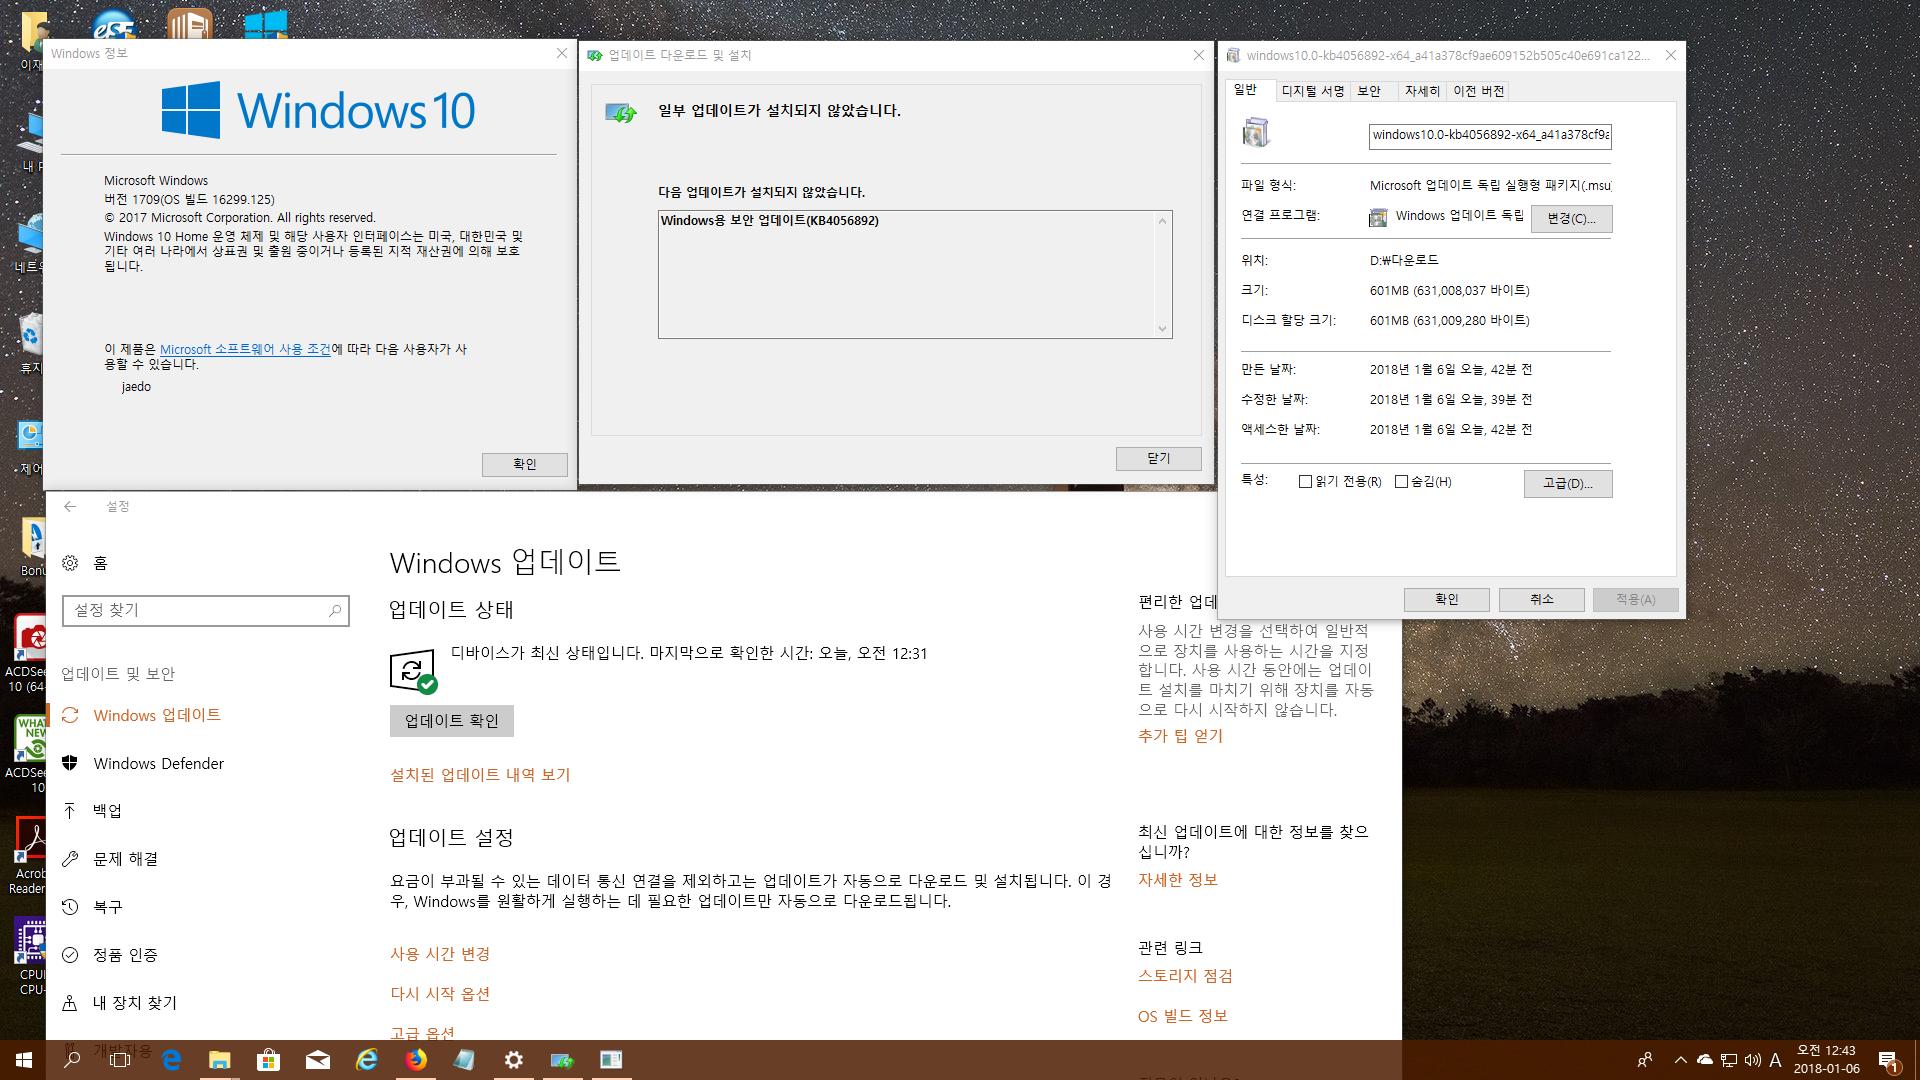 윈도우 포럼 - 질문과 답변 - kb4056892 보안 업데이트 수동 설치 실패